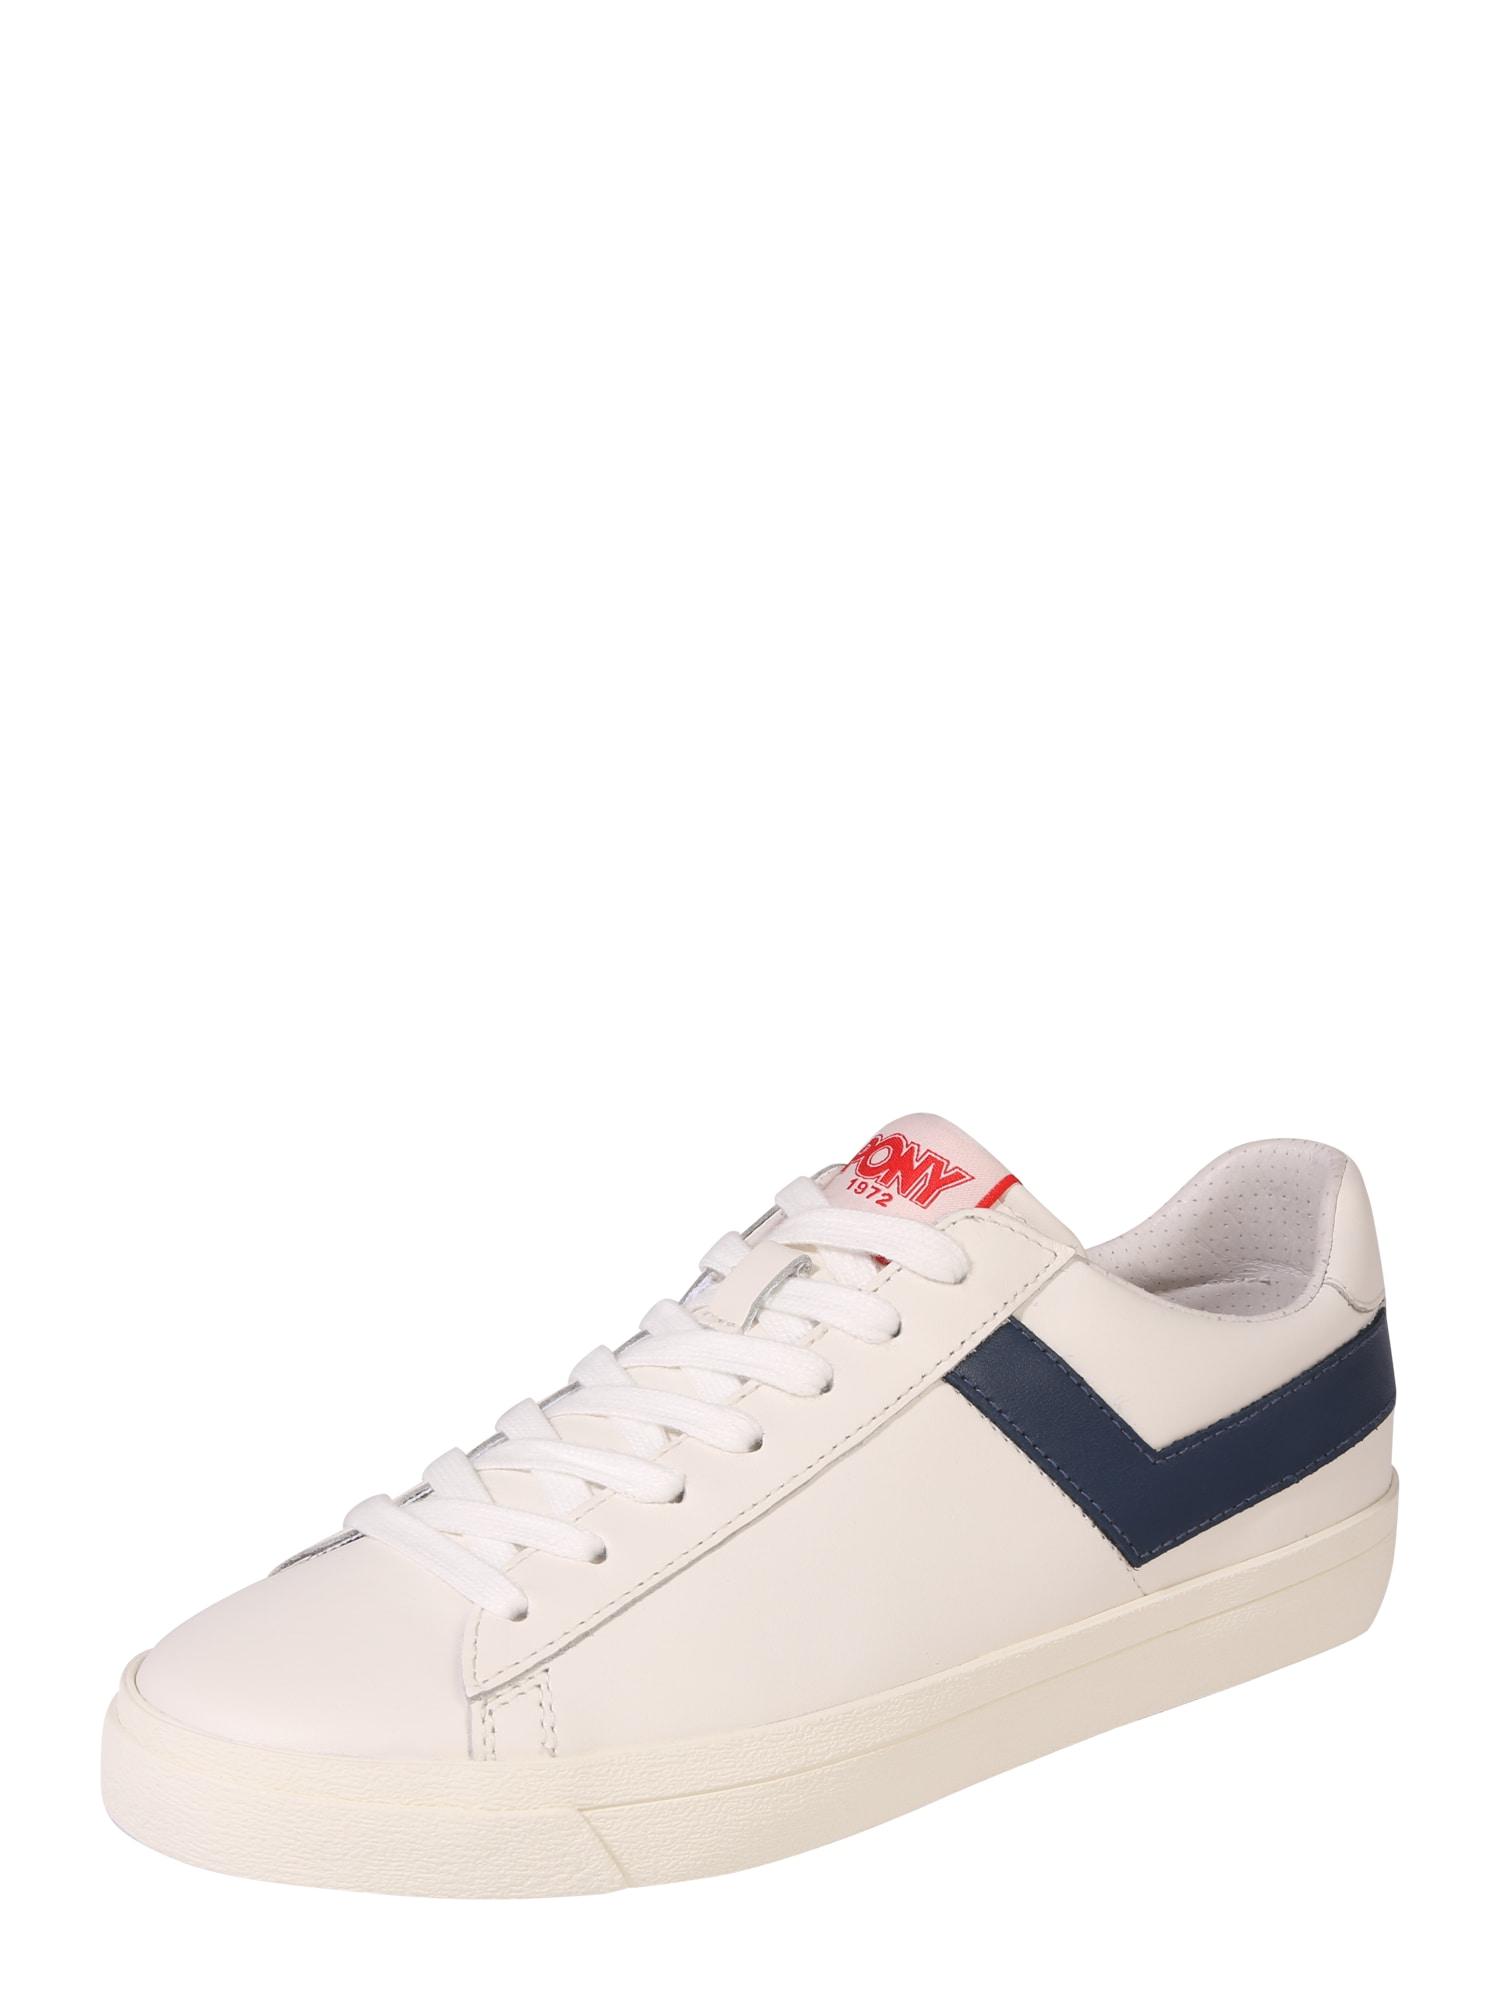 Tenisky TOPSTAR námořnická modř bílá PONY